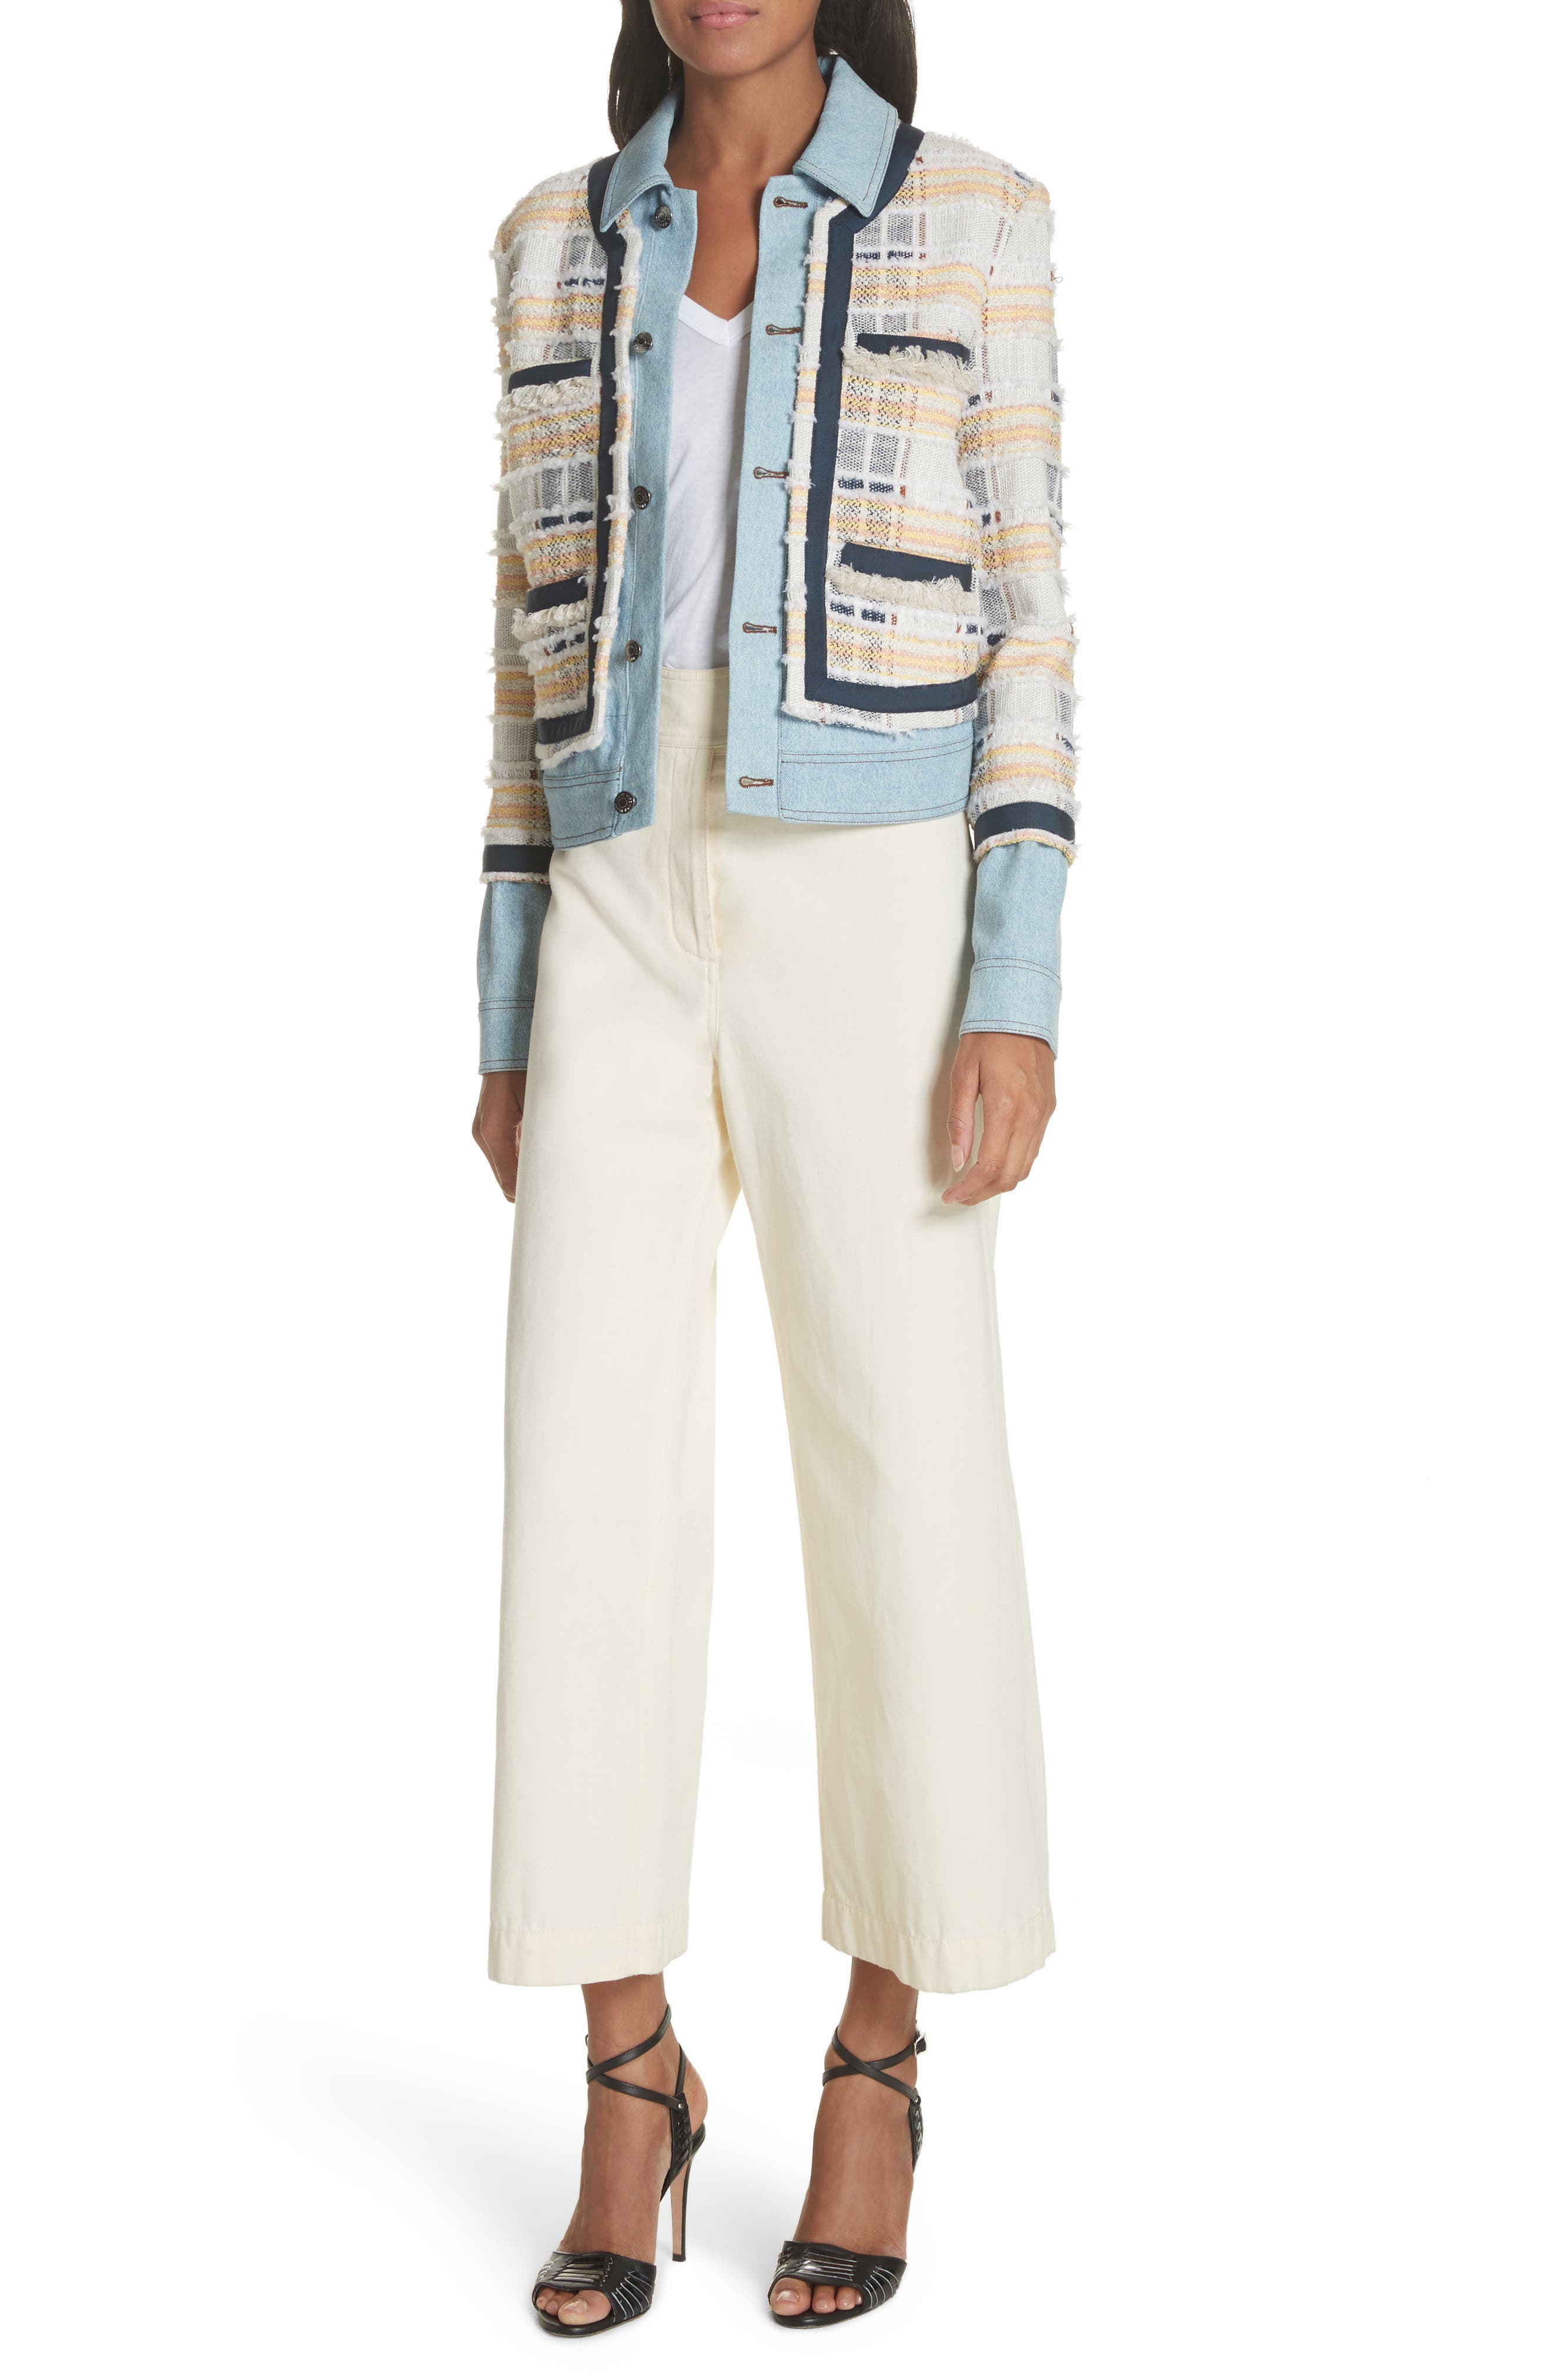 Caymen Cotton Gaucho Pants,                             Alternate thumbnail 7, color,                             Natural